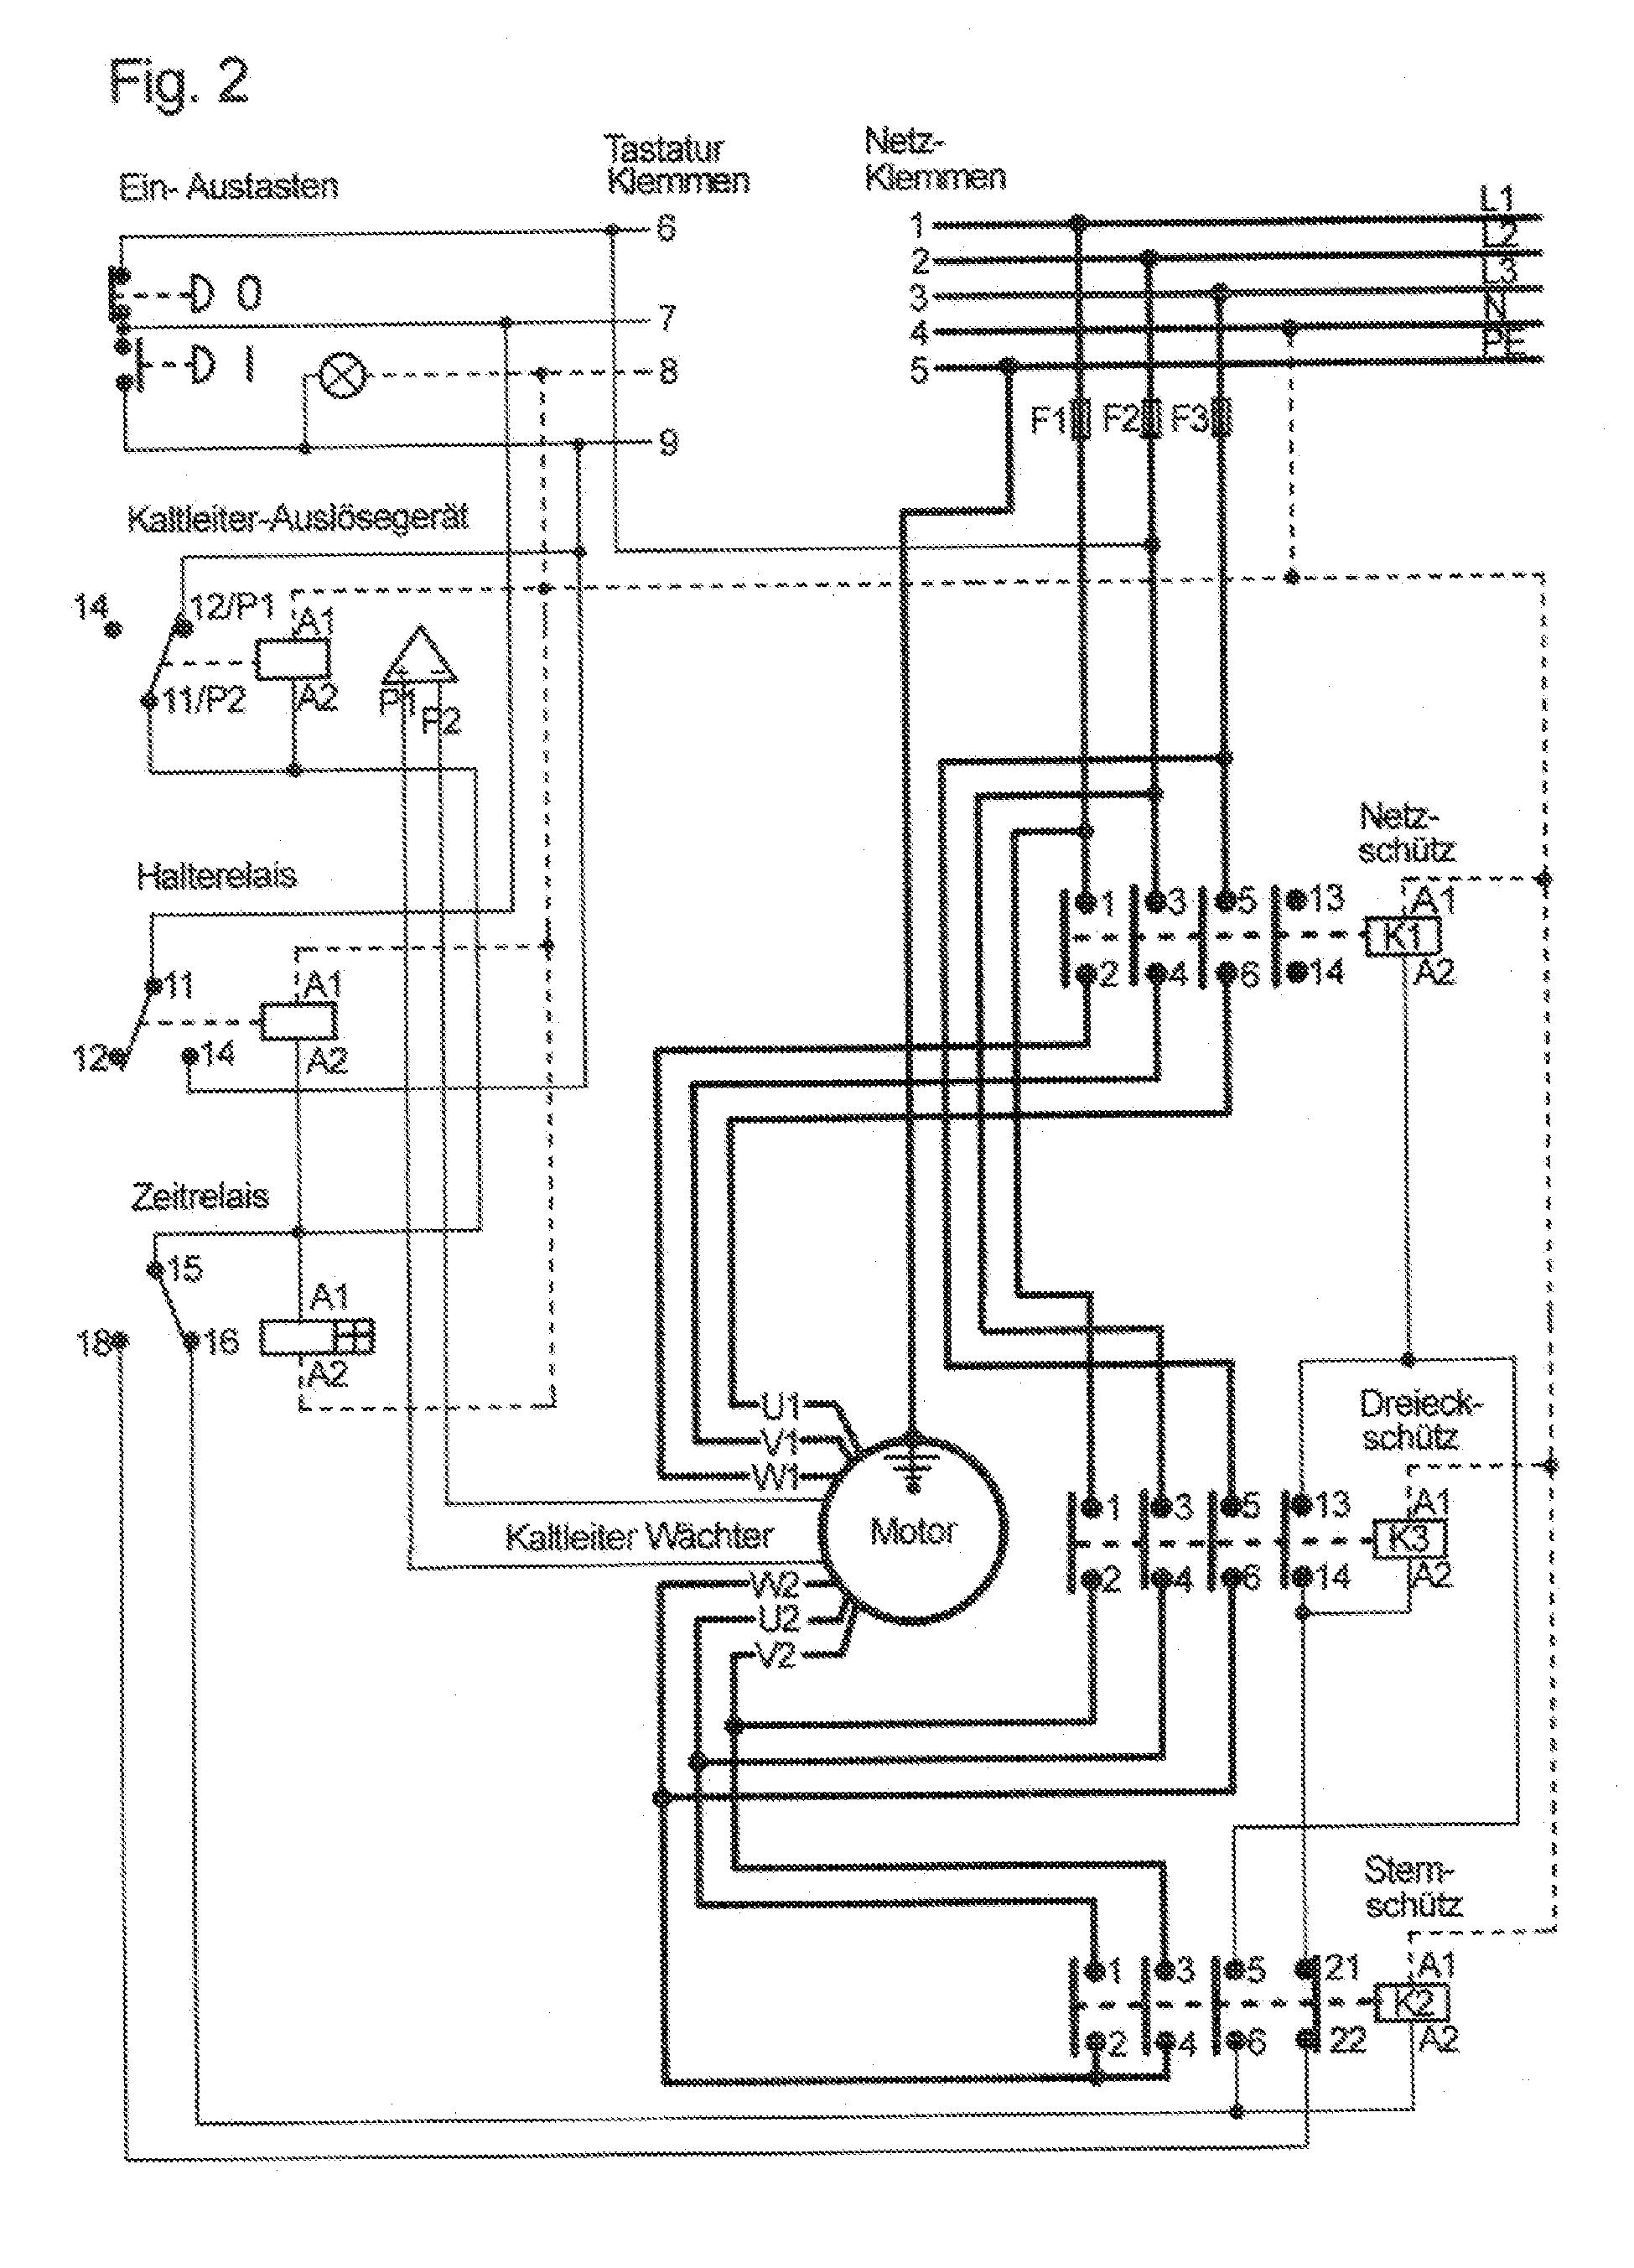 delta motor bedradings schema